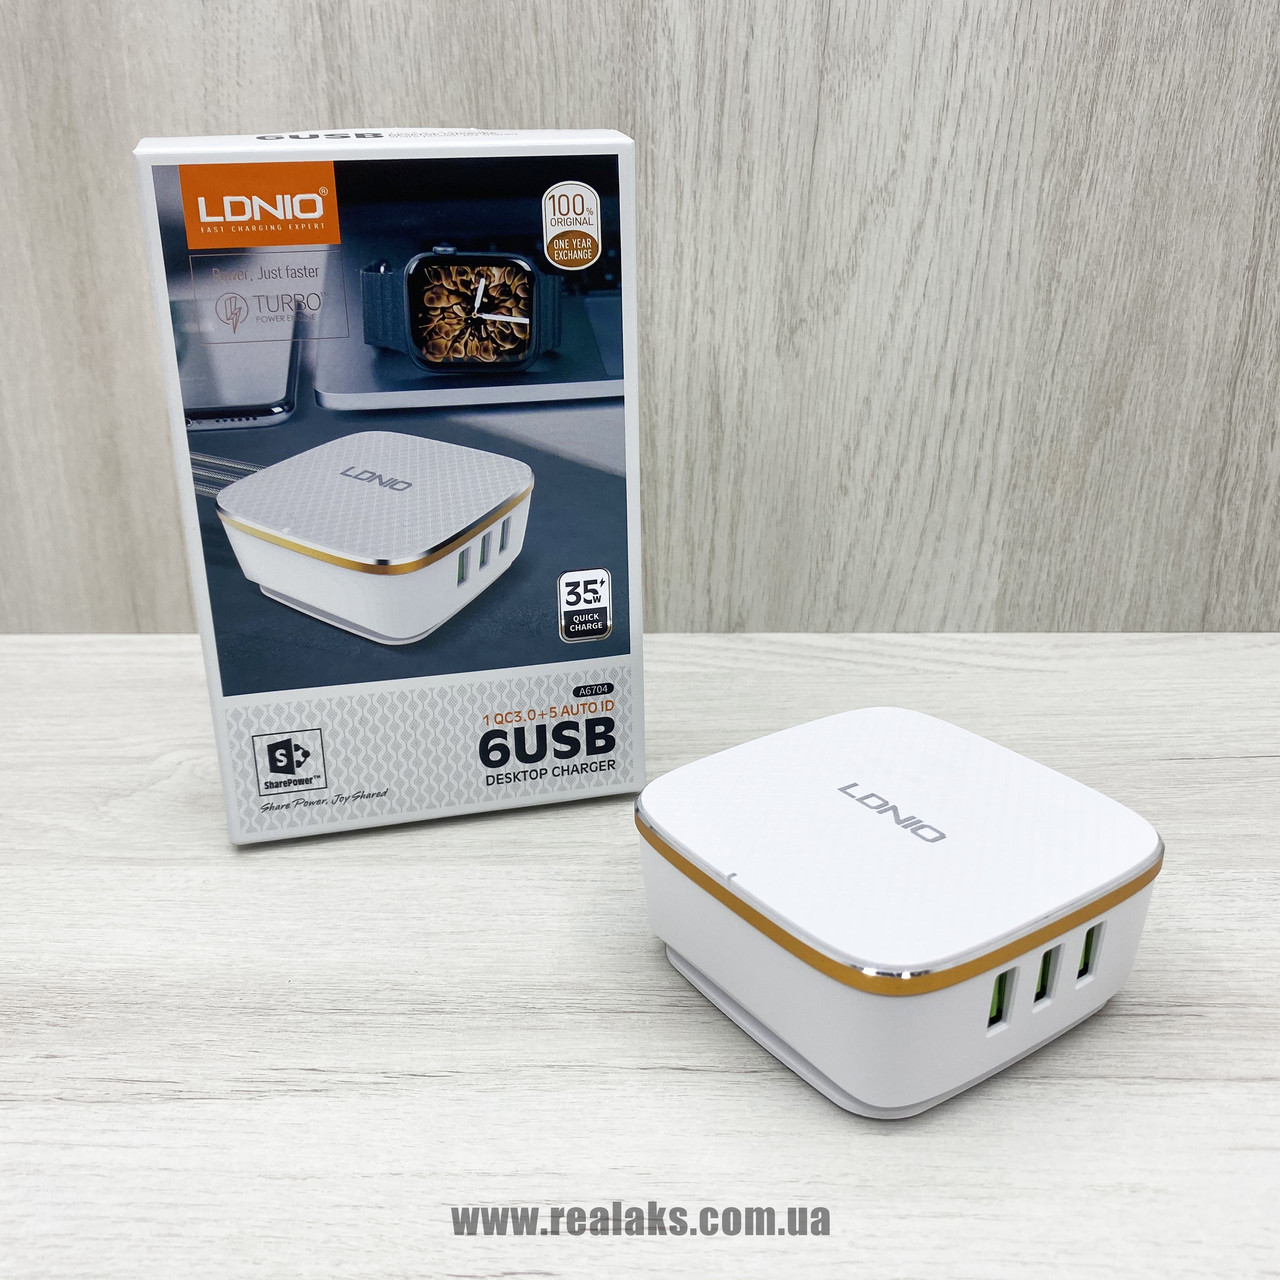 Мережевий мультизарядний пристрій LDNIO A6704 6USB (білий)